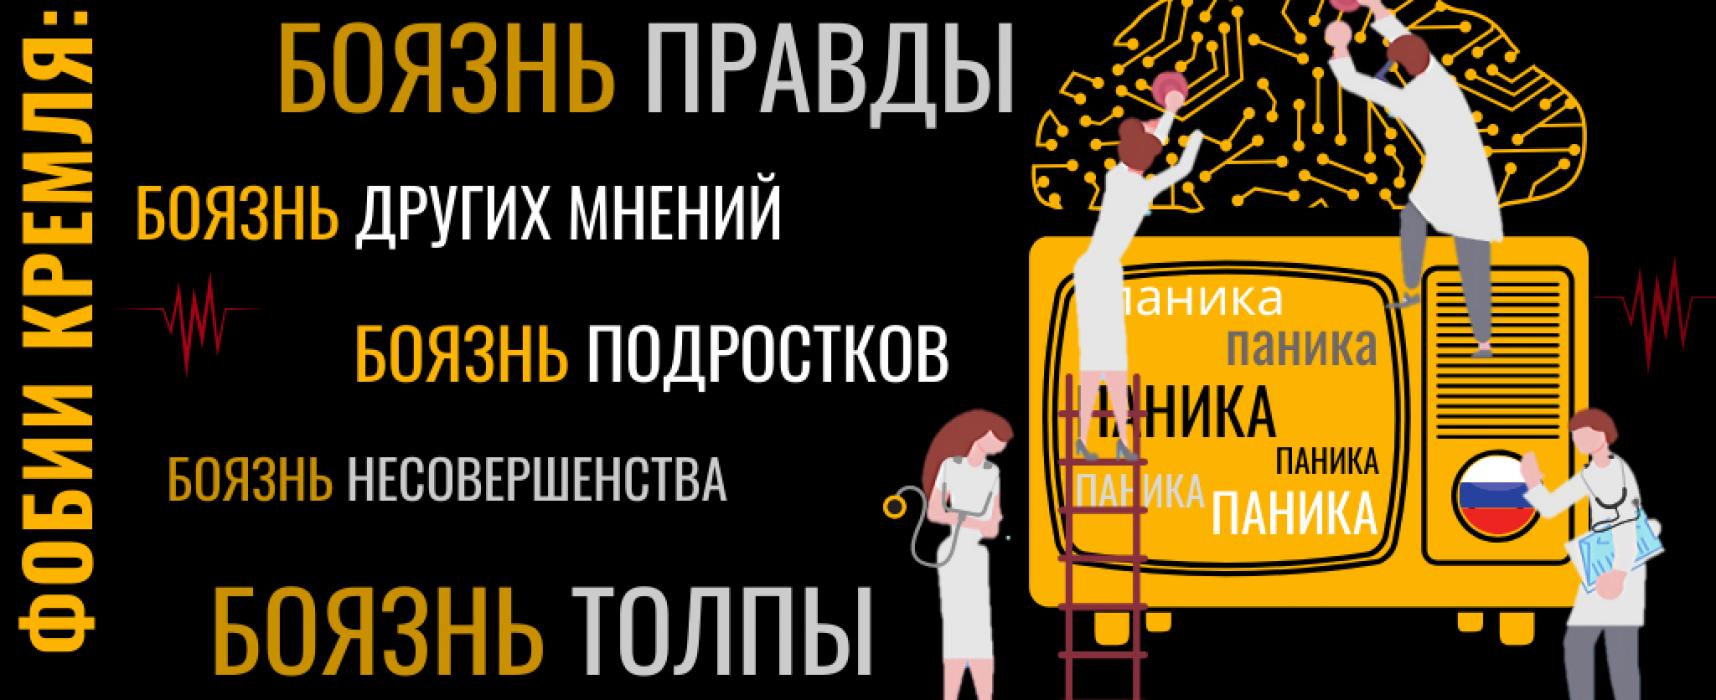 Состояние паники: каталог фобий Кремля